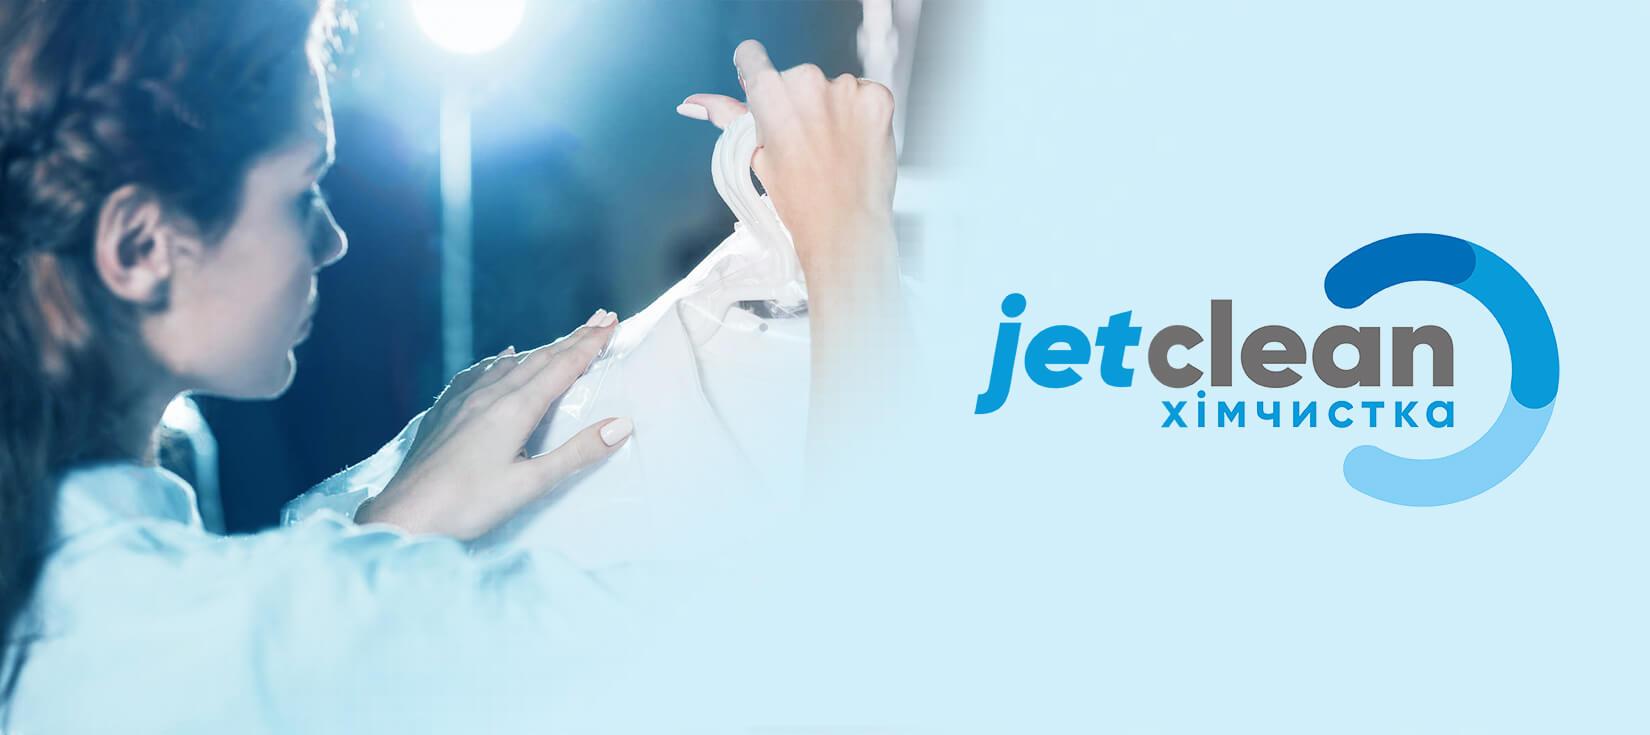 Мережа хімчисток JetClean